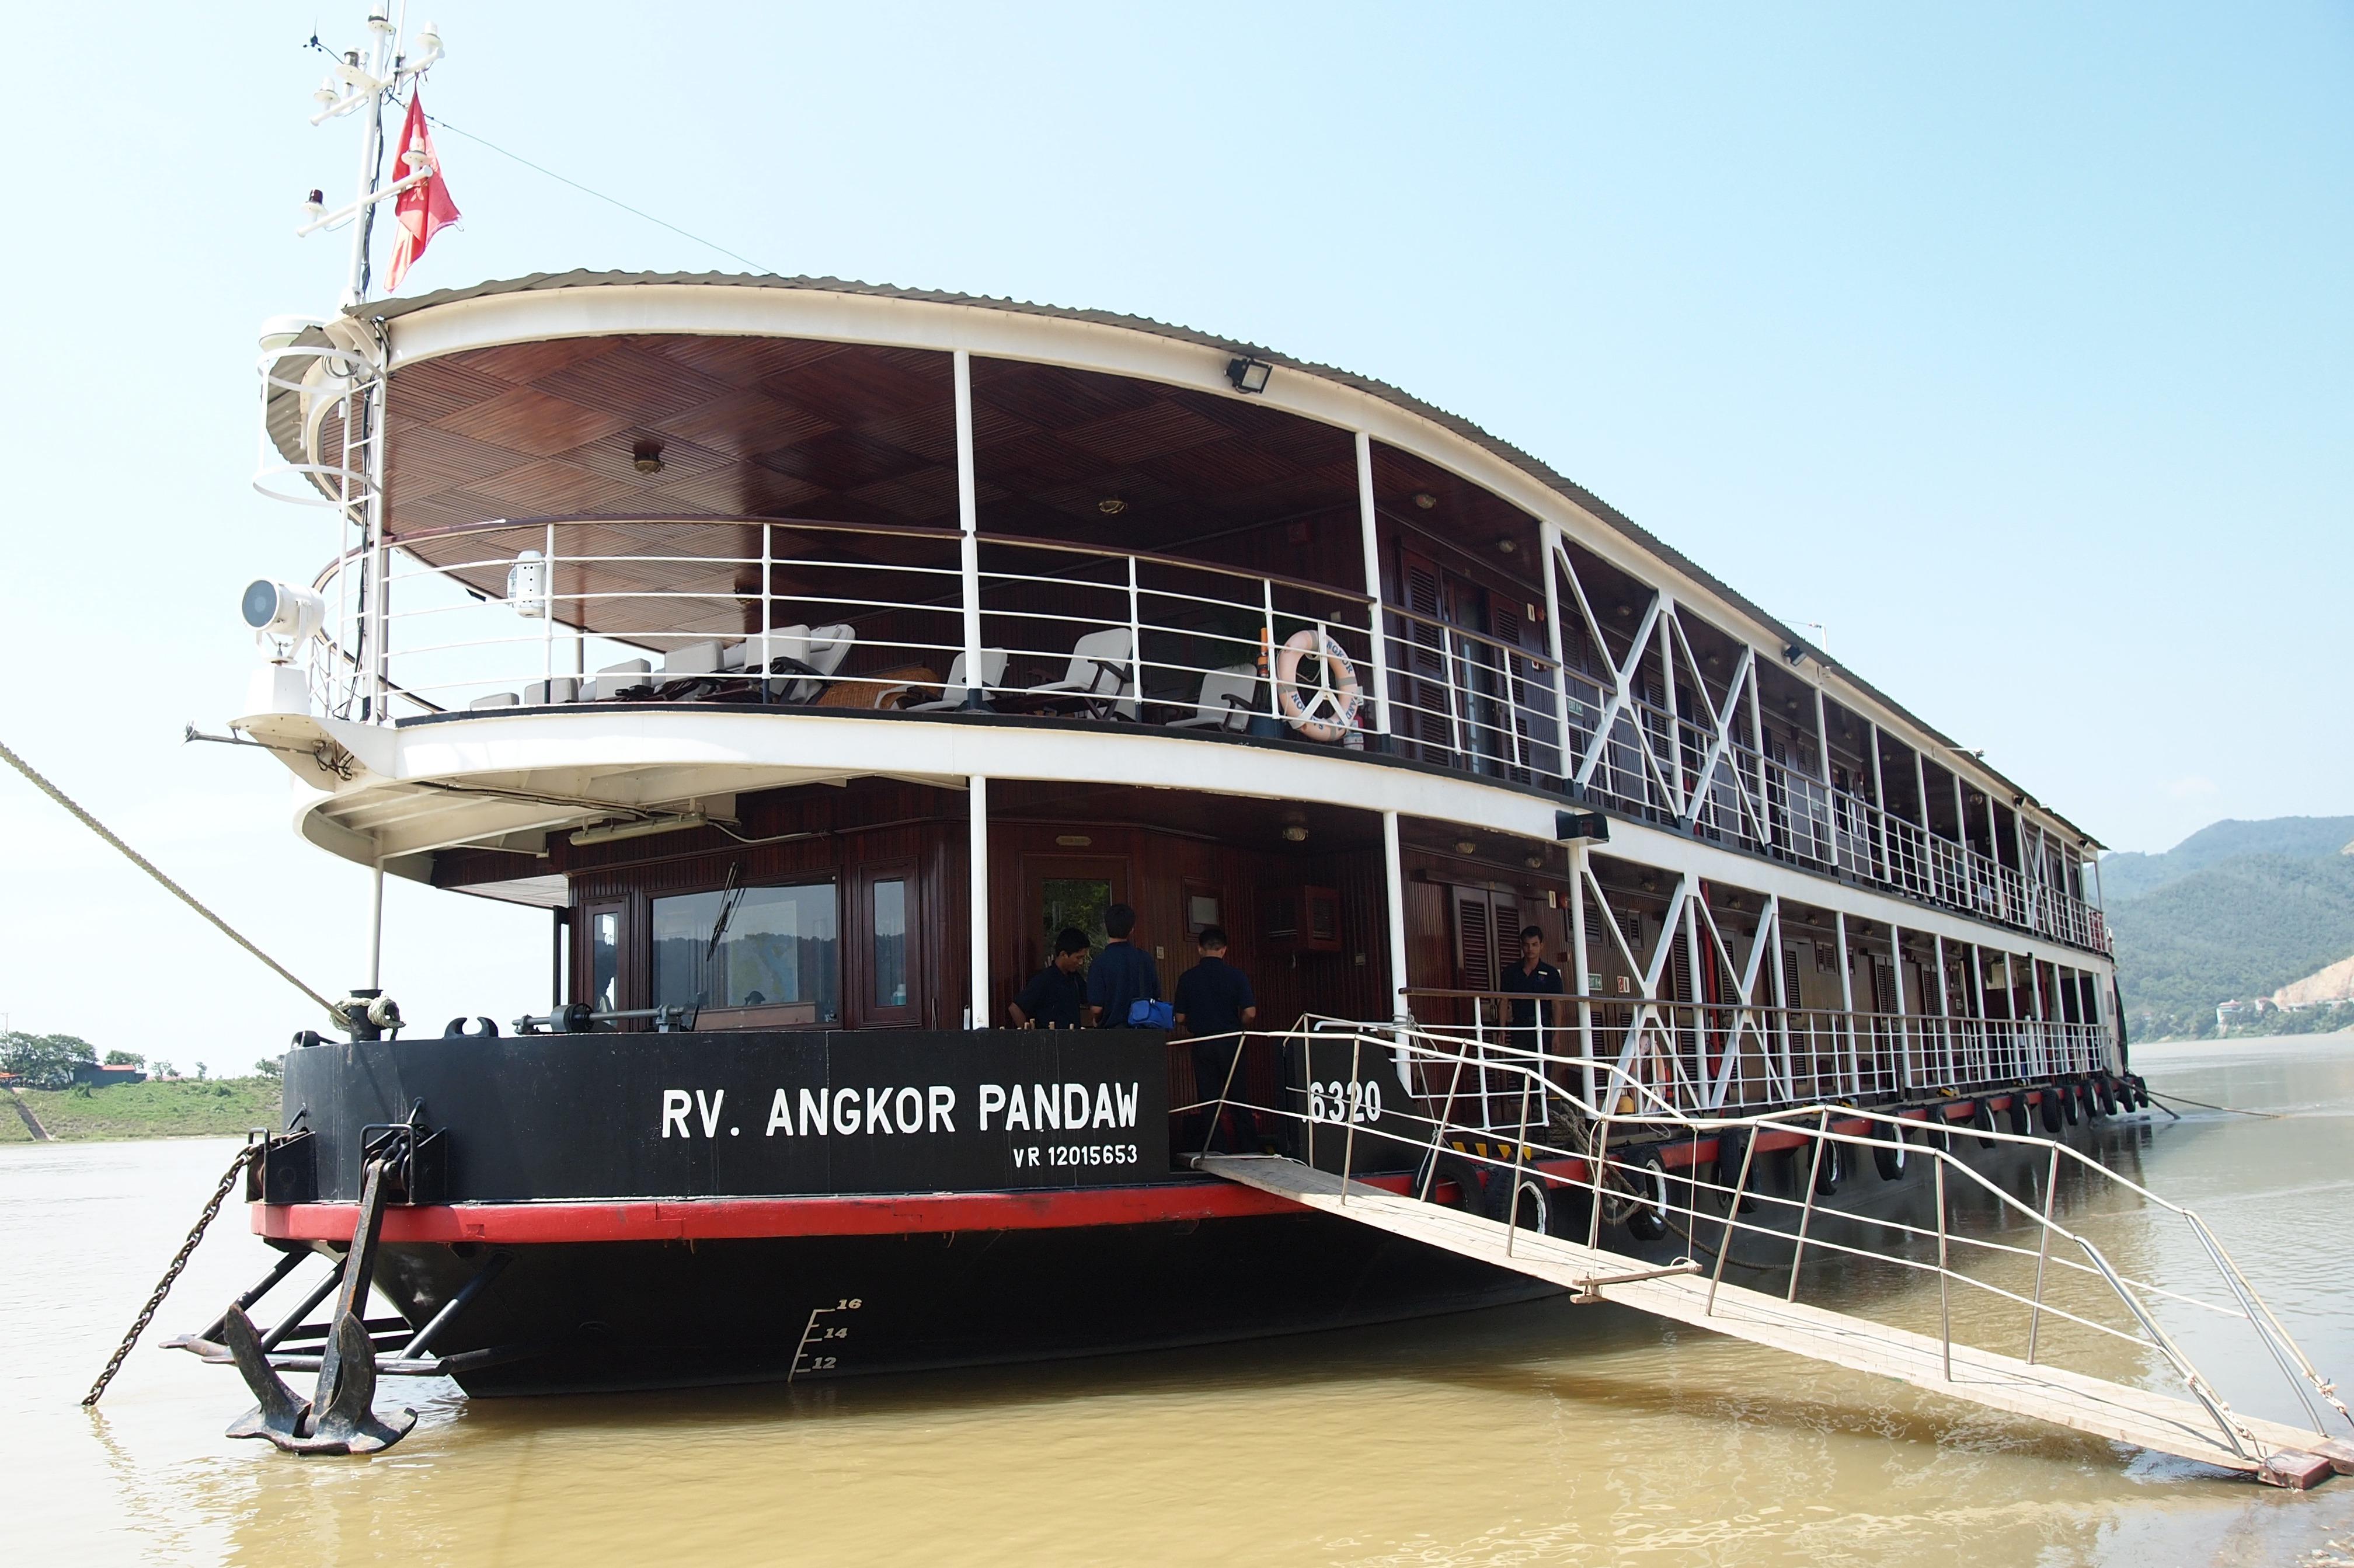 Pandaw Expeditoins RV Angkor Pandaw at riverside